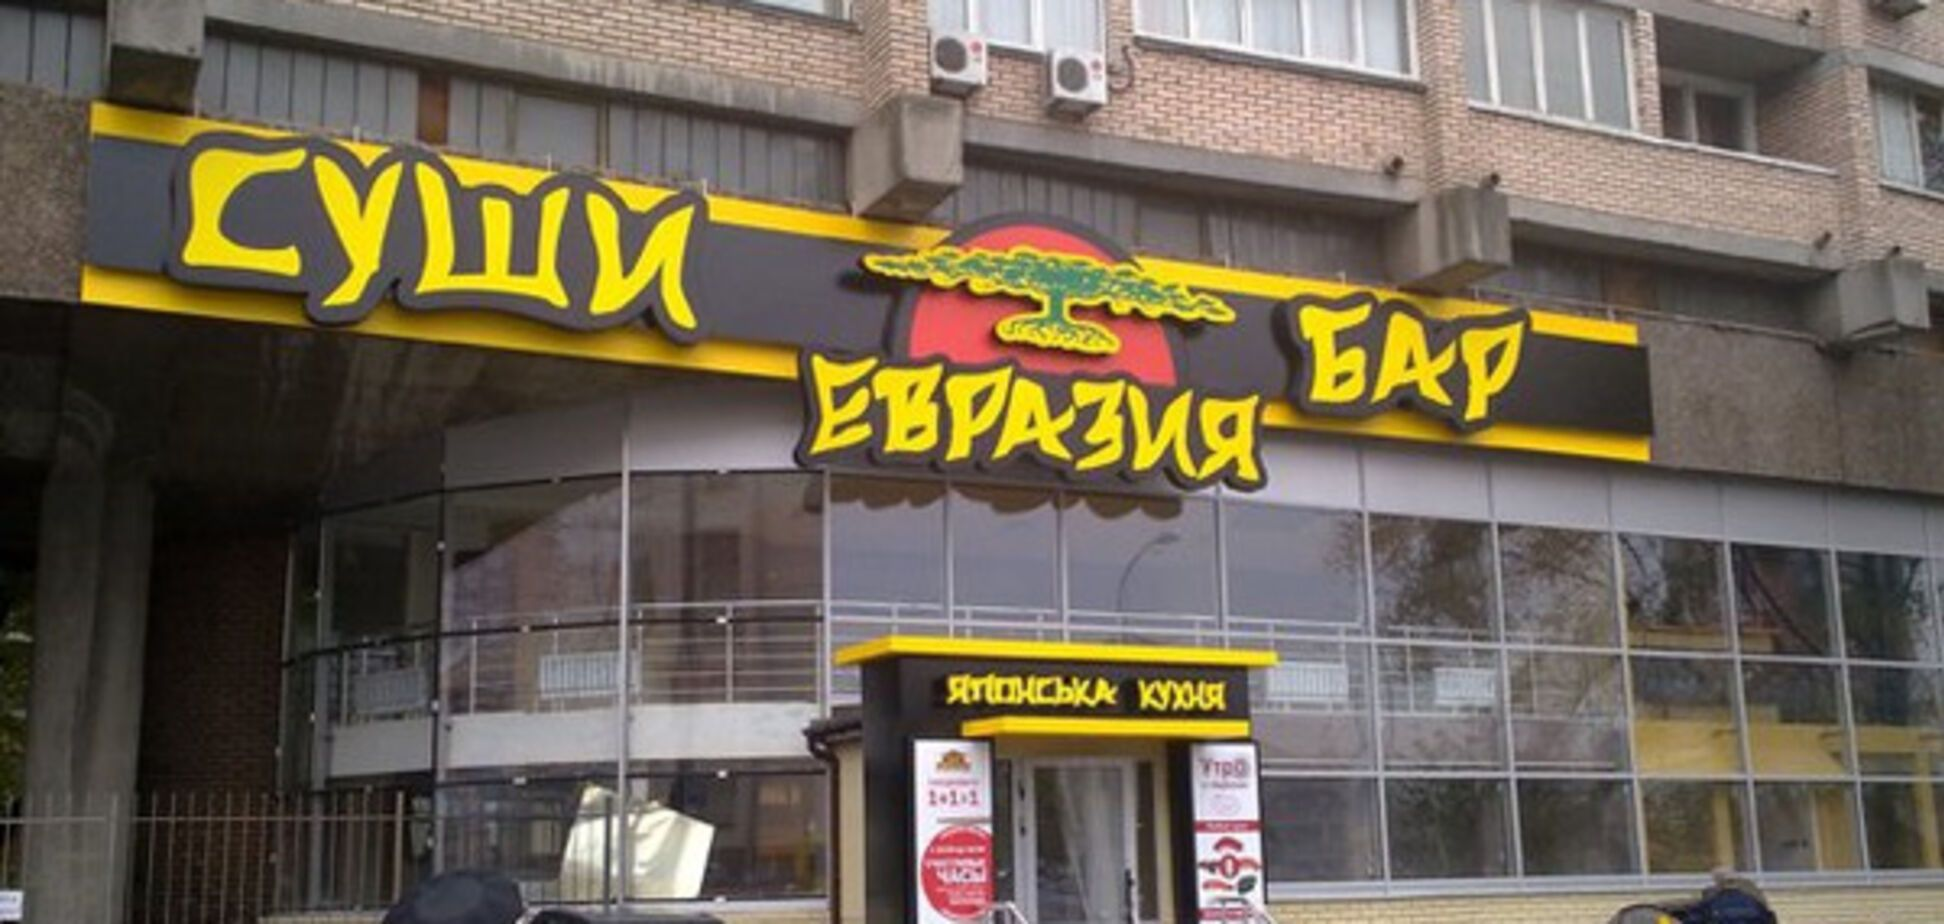 Євразія в Києві